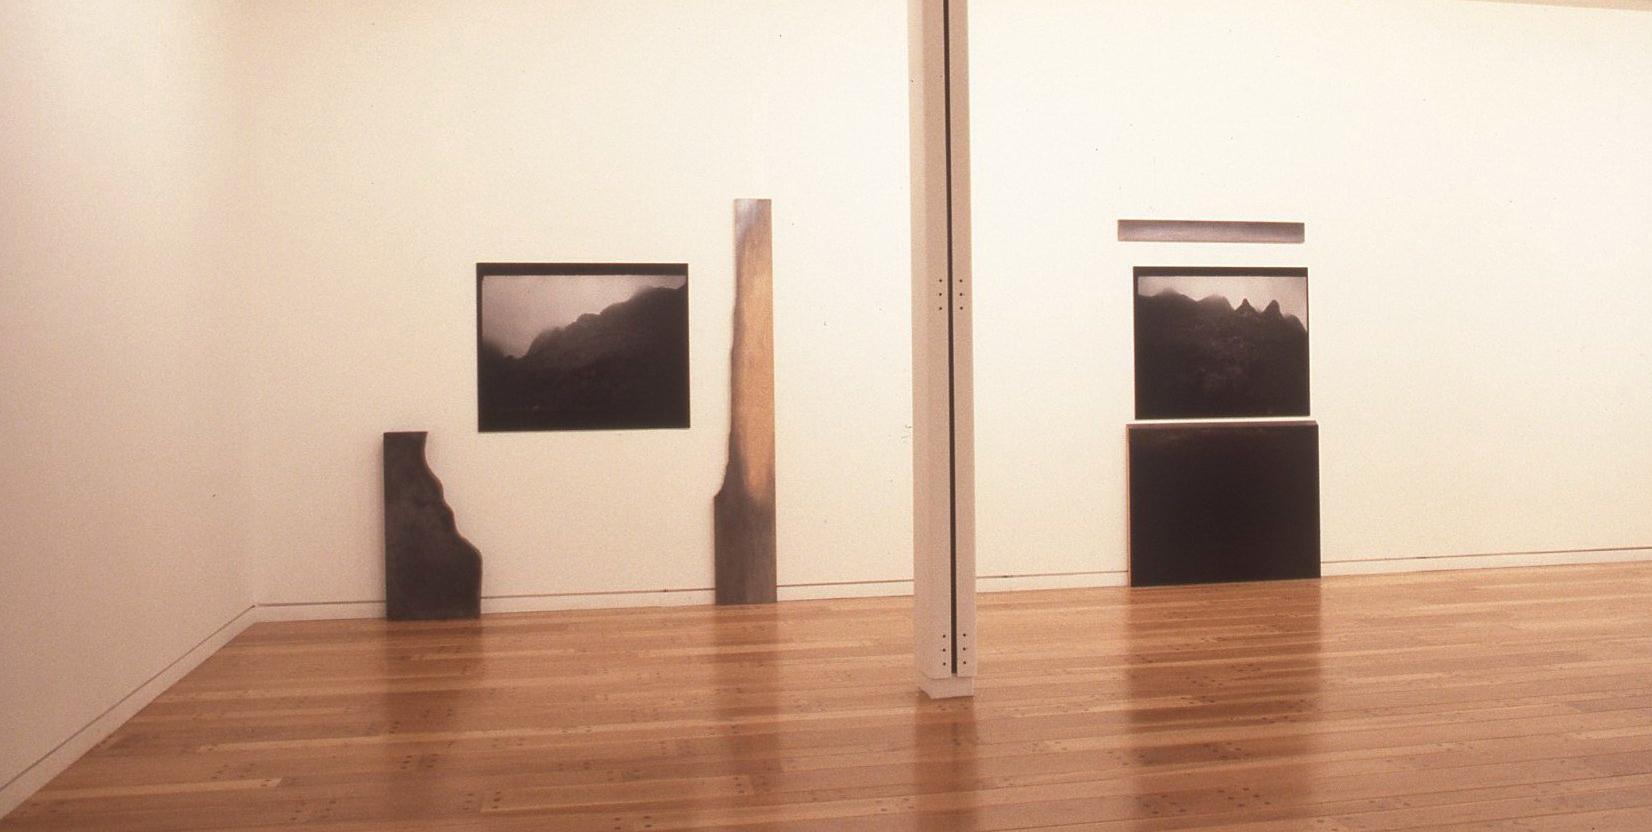 Jocelyne Alloucherie, Suite, relais, dérives : assonance, 1987